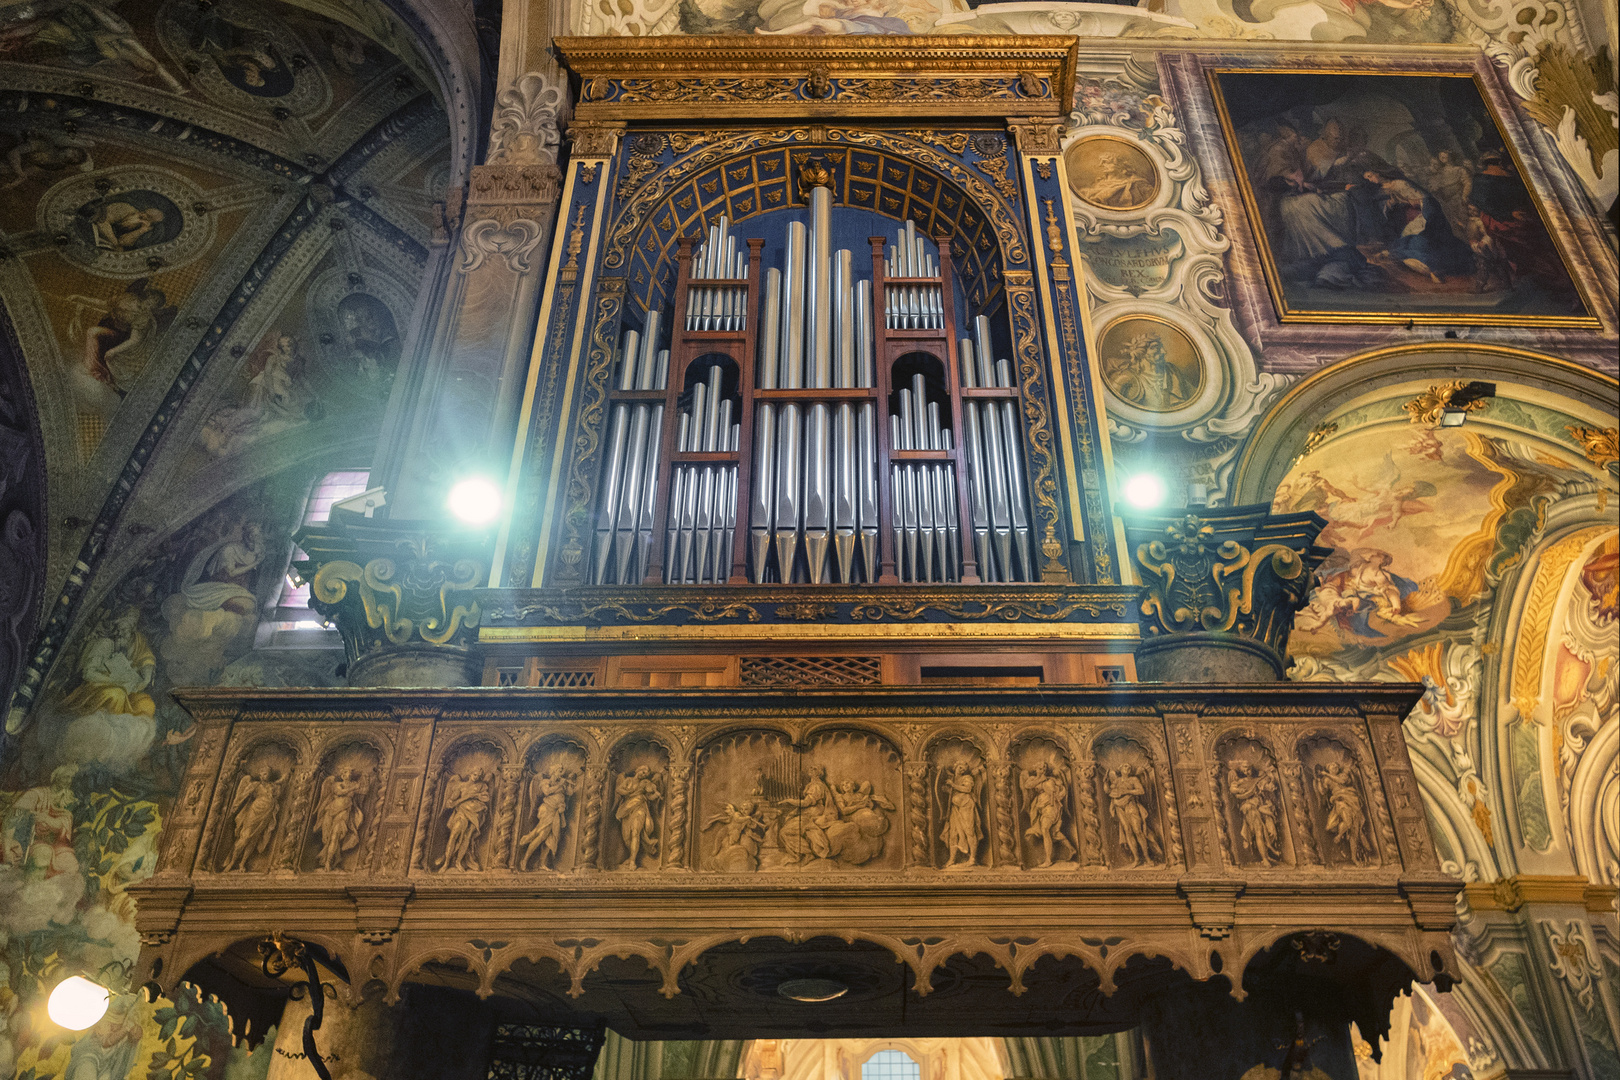 L'organo del Duomo di Monza